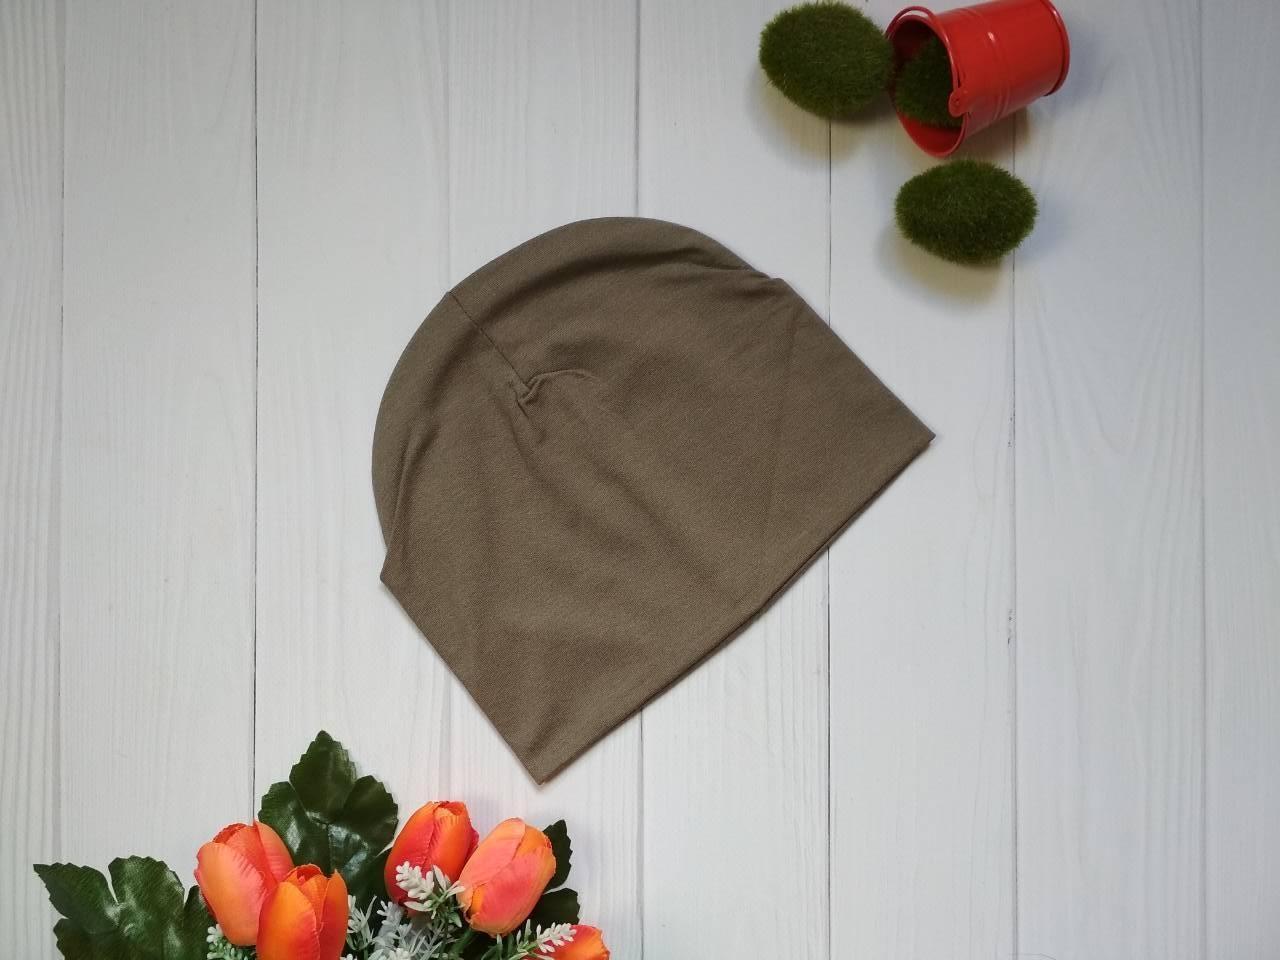 Трикотажная демисезонная детская шапка коричневого цвета